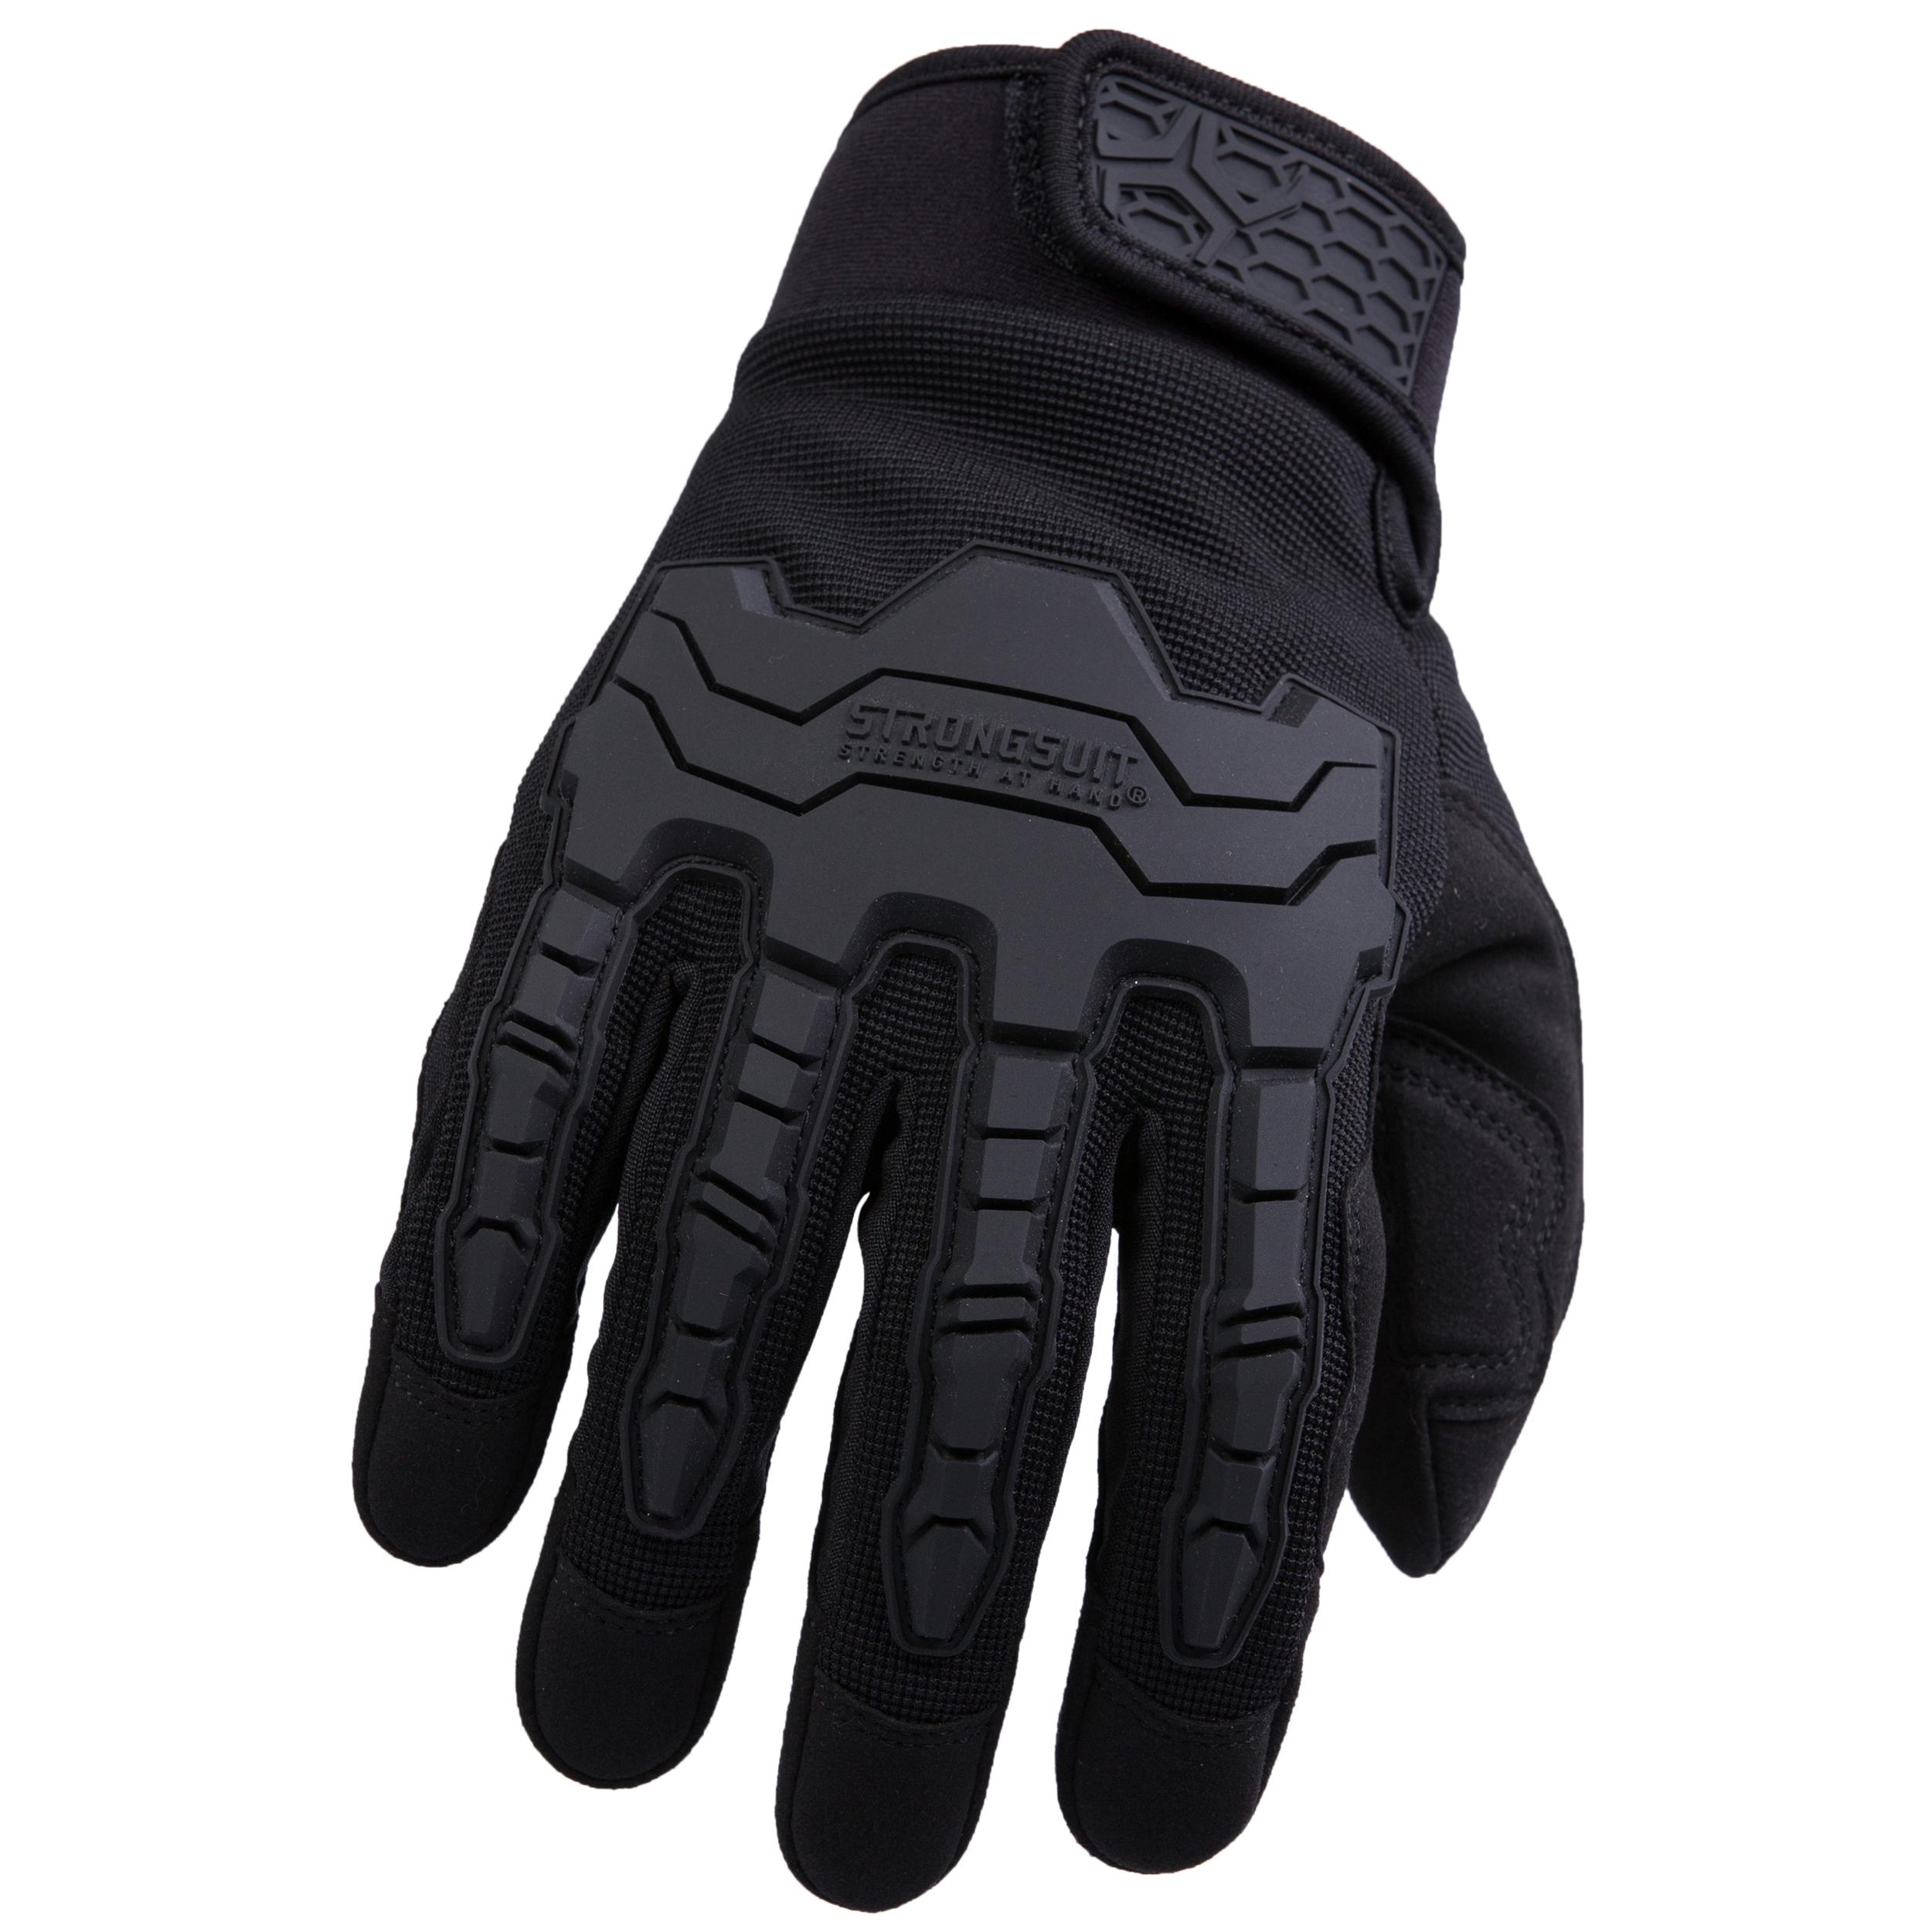 Brawny Plus Gloves, Black, XL